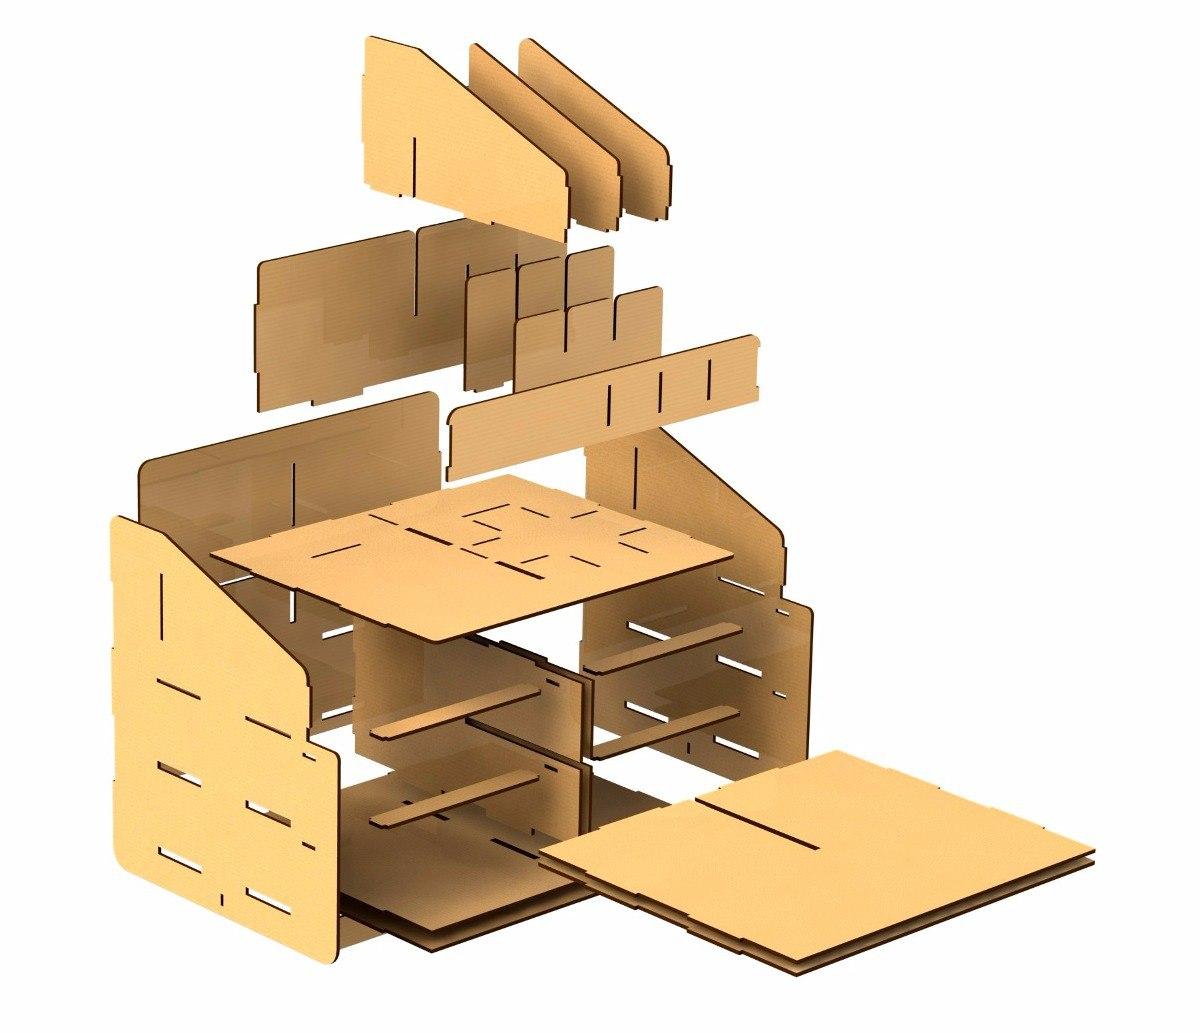 Laser Cut Wooden Desktop Organizer Storage Box With Drawer Free Vector